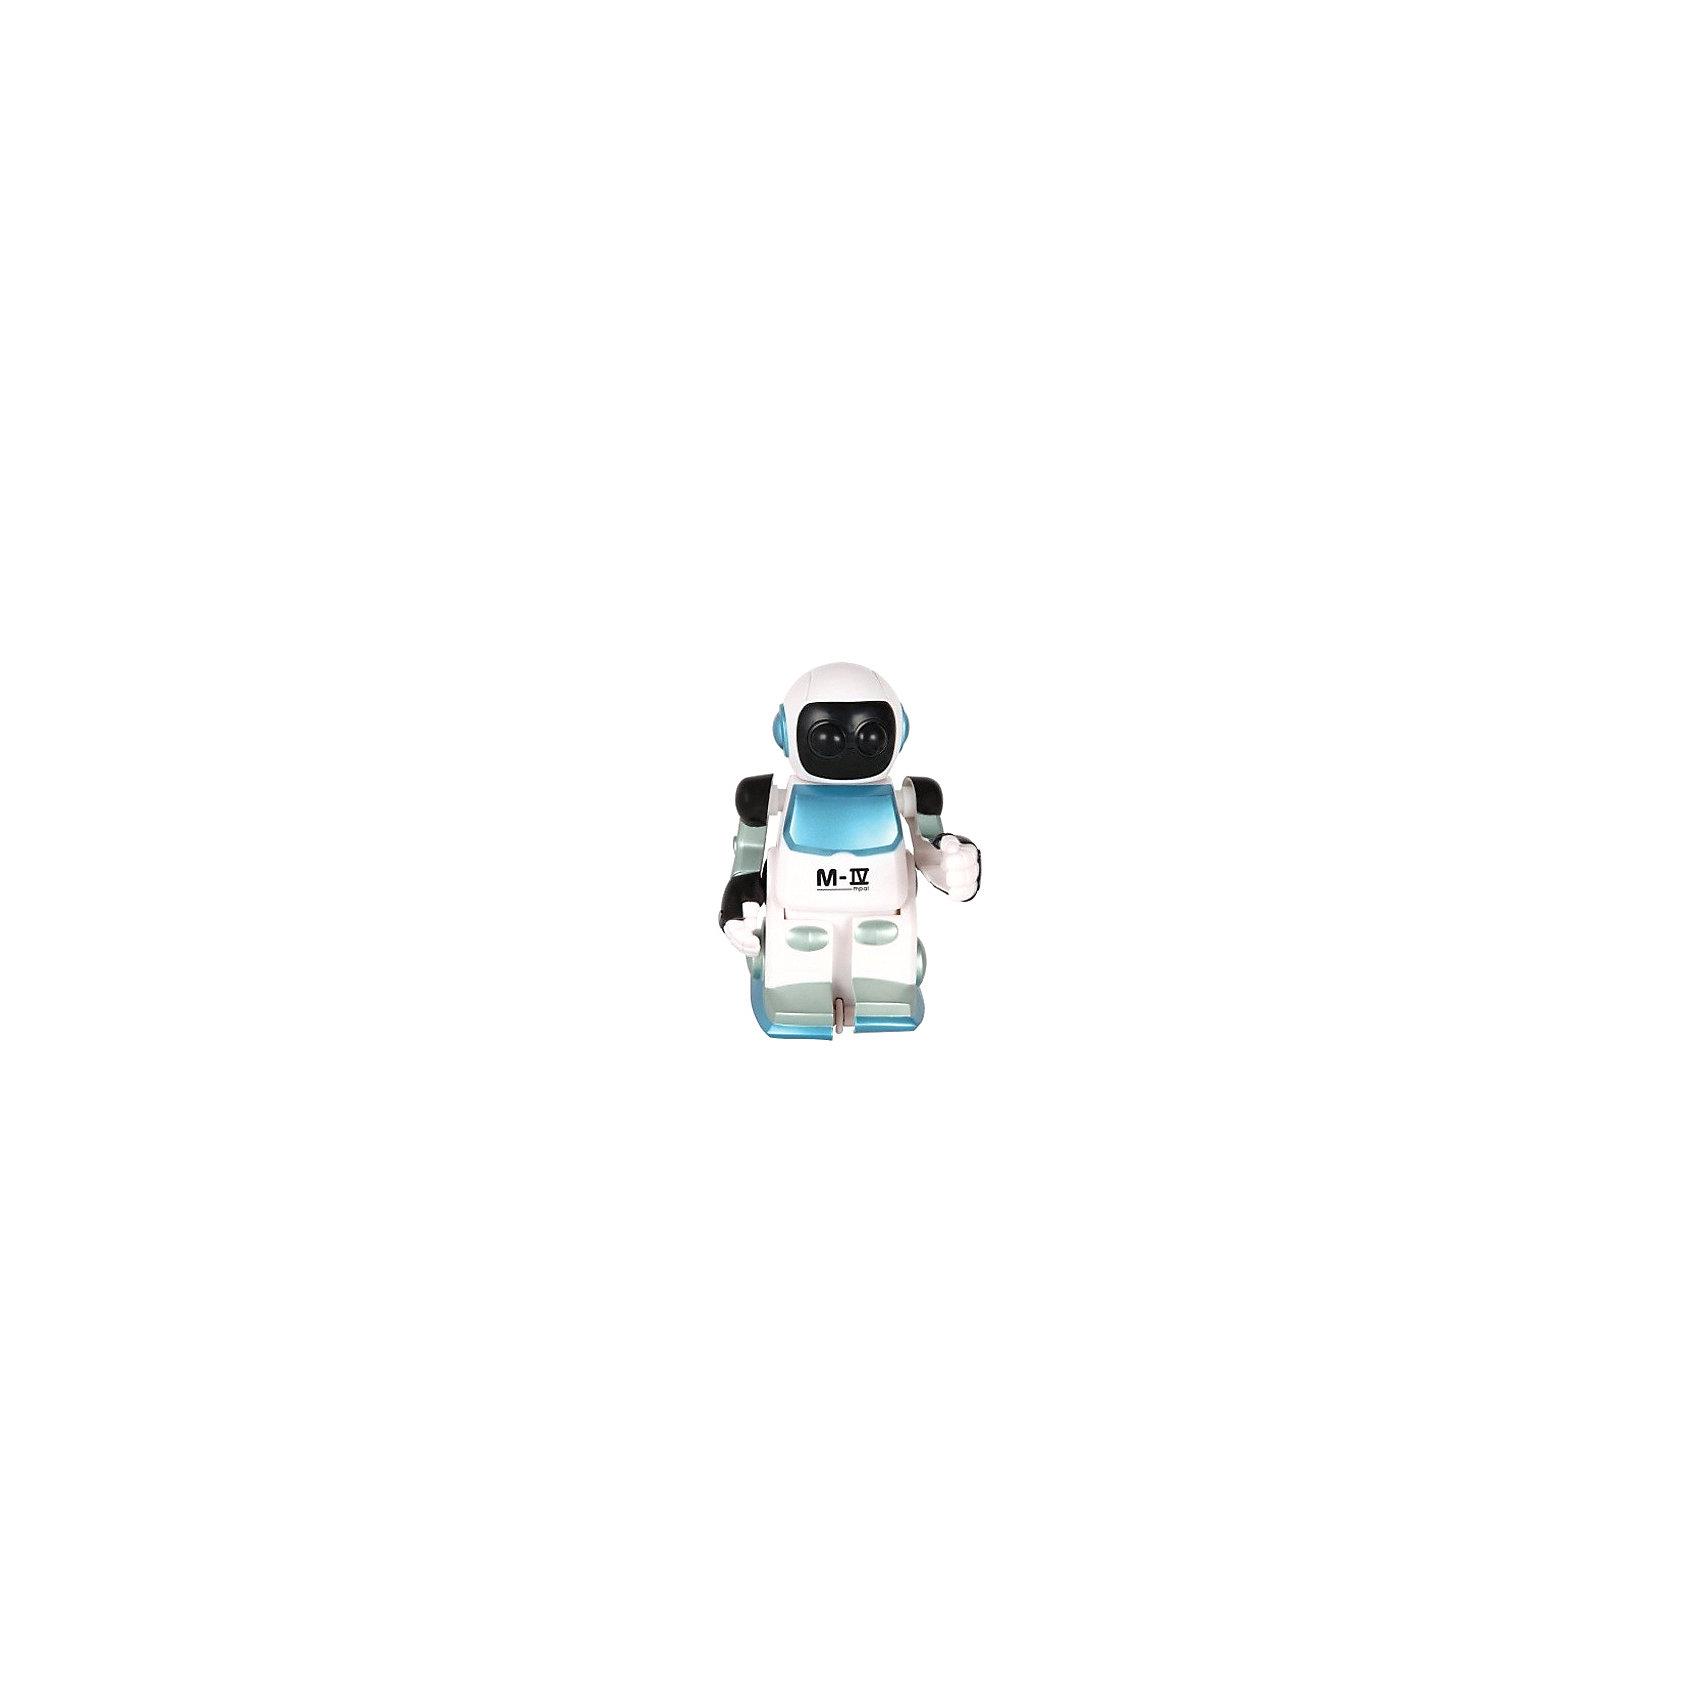 Робот Moonwalker, SilverlitРоботы<br>Интеллектуальный робот-луноход Moomwalker от Silverlit.<br><br>При ходьбе на голове мелькает свет (под шлемом сверкают глаза), голова вертится, а руки качаются в такт ходьбе. Когда он переступает ногами, раздаётся характерный звук моторчика.<br><br>Робот идёт не по прямой, а знаменитой лунной походкой - из стороны в стороны, поворачиваясь и вращаясь. Если на своём пути он встречает препятствие, то разворачивается и идёт дальше.<br><br>Дополнительная информация:<br><br>- Материал: высококачественная пластмасса.<br>- Для работы необходимы 2 батарейки АА (в комплект не входят).<br>- Размер: 9,5 х 11 х 15,5 см.<br><br>Занимательный робот для любознательных детей!<br><br>Робота Moonwalker, Silverlit можно приобрести в нашем интернет-магазине.<br><br>Ширина мм: 160<br>Глубина мм: 110<br>Высота мм: 140<br>Вес г: 375<br>Возраст от месяцев: 36<br>Возраст до месяцев: 108<br>Пол: Мужской<br>Возраст: Детский<br>SKU: 2148667